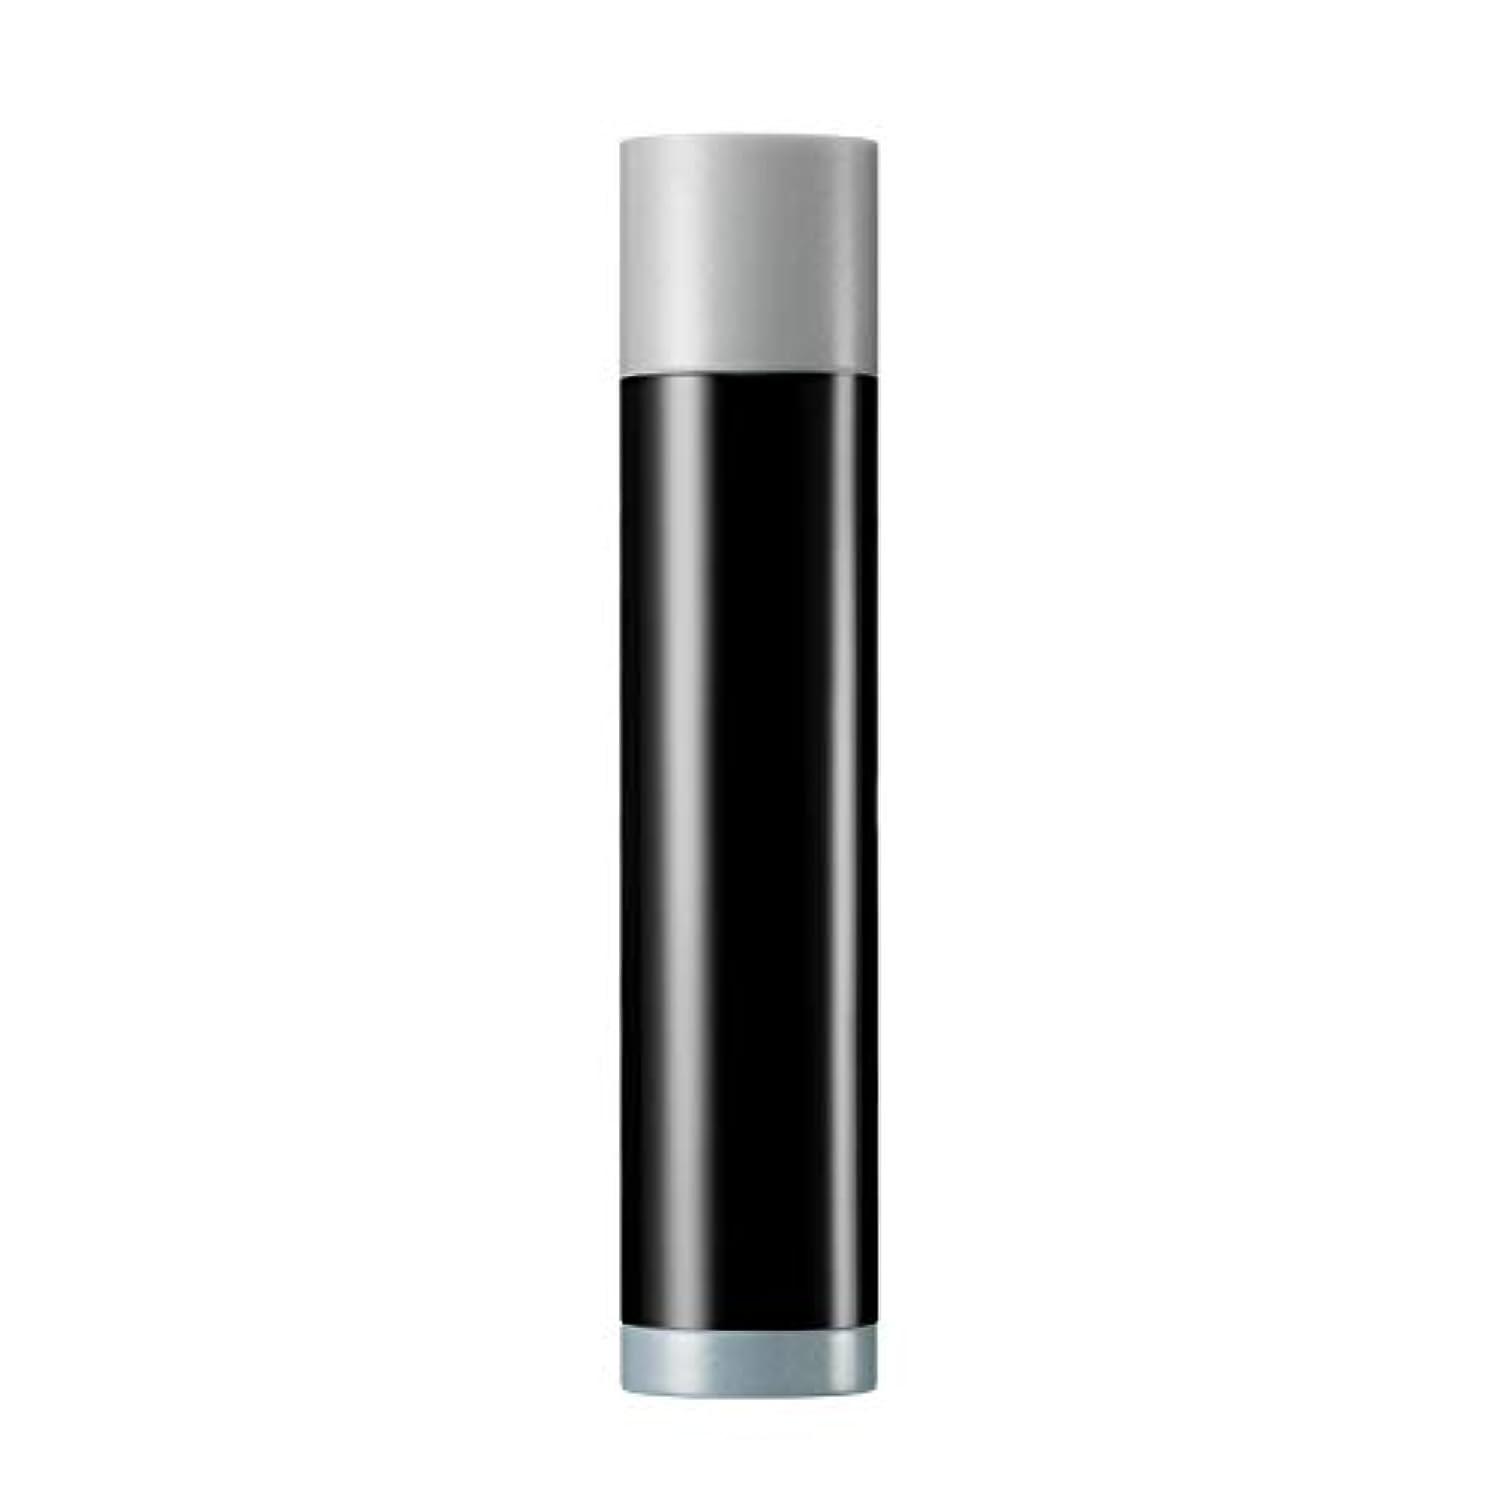 ひもメイト本部Visee(ヴィセ) ヴィセ リシェ パウダーチップ アイカラー アイシャドウ 無香料 BL-10 シマーブルー 0.6g